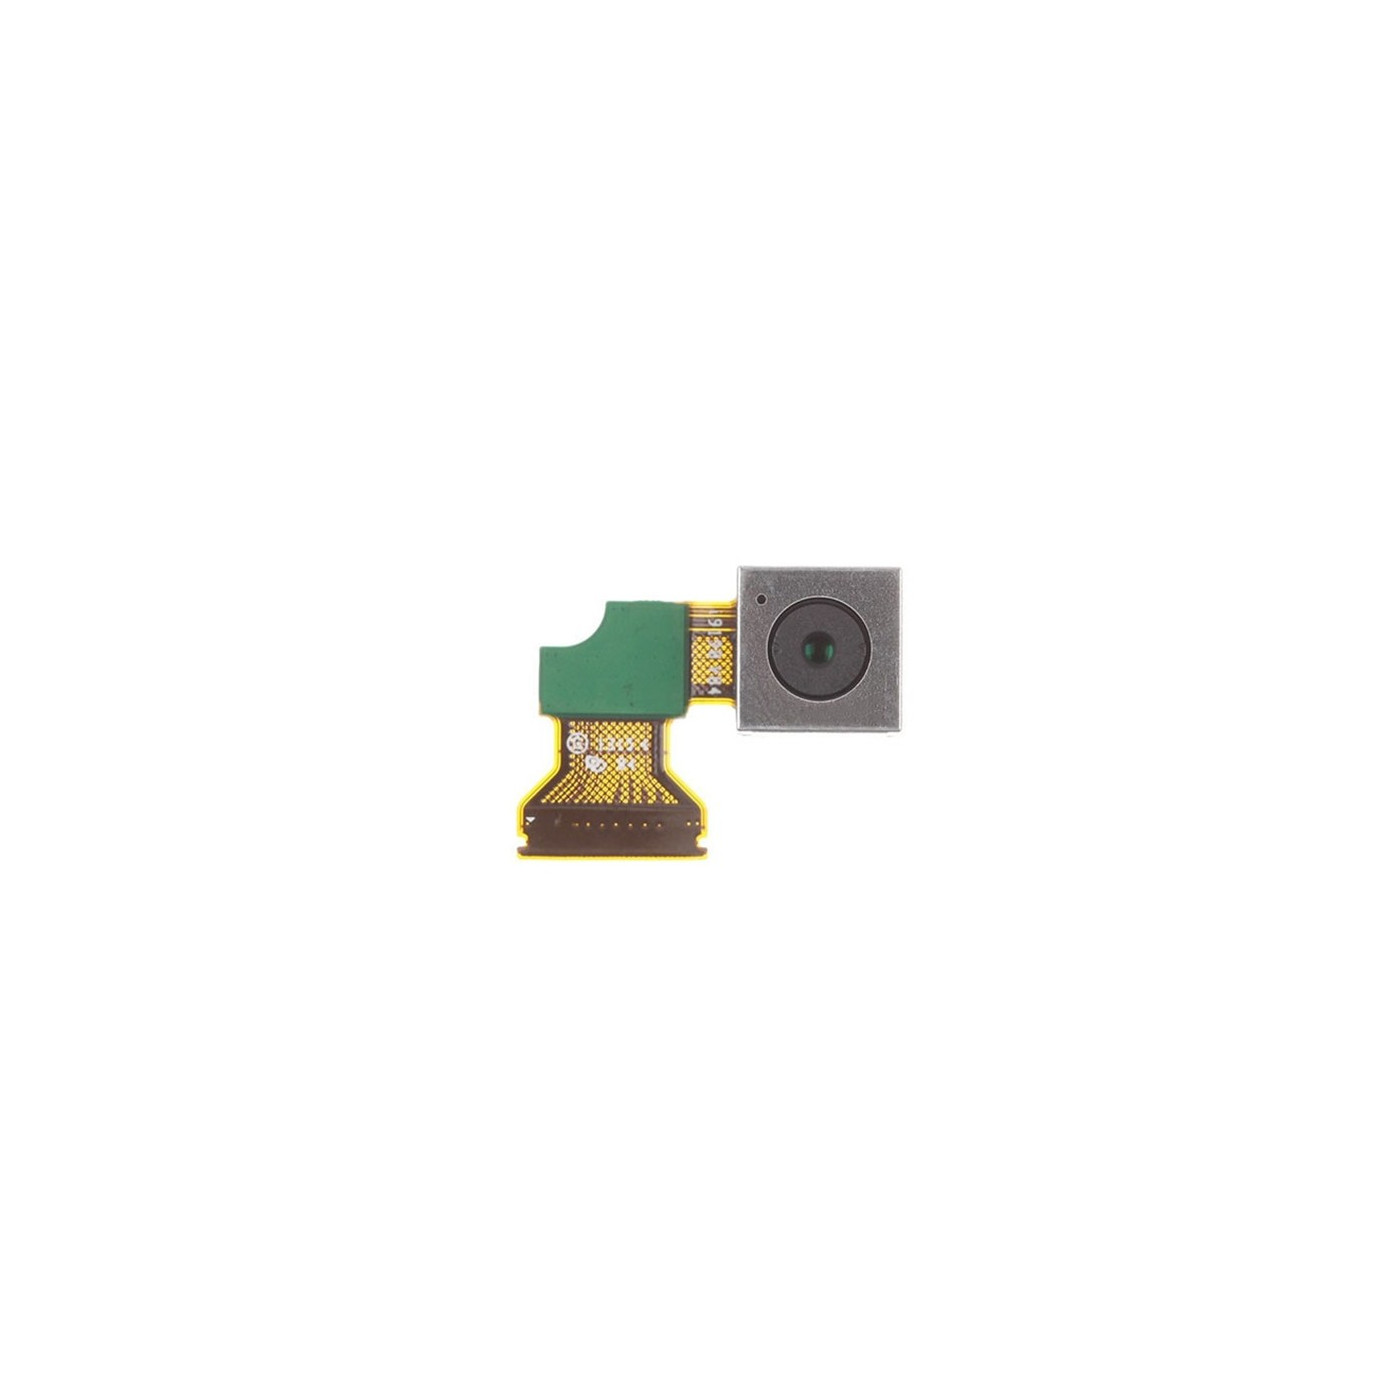 Appareil photo arrière plat flex caméra arrière pour Galaxy S4 mini i9190 i9195